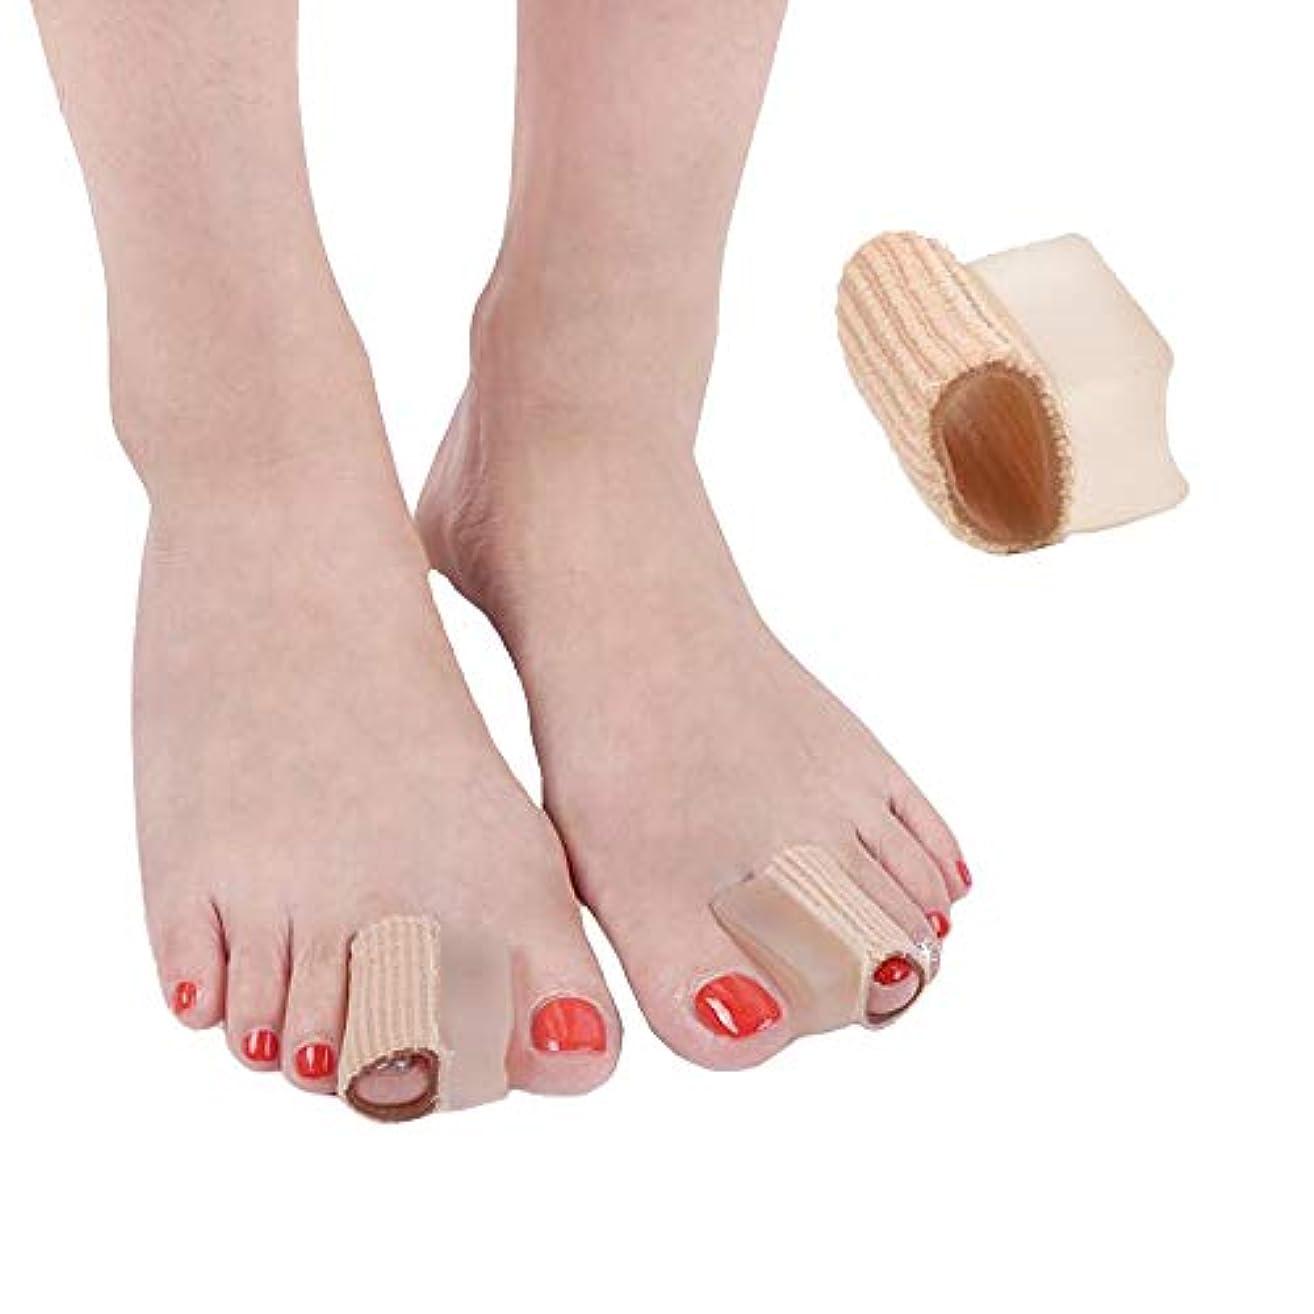 ディプロマリベラルマイルドBigMe外反母趾 親指矯正外反母趾 サポーター フリーサイズ 改良版 2枚入り